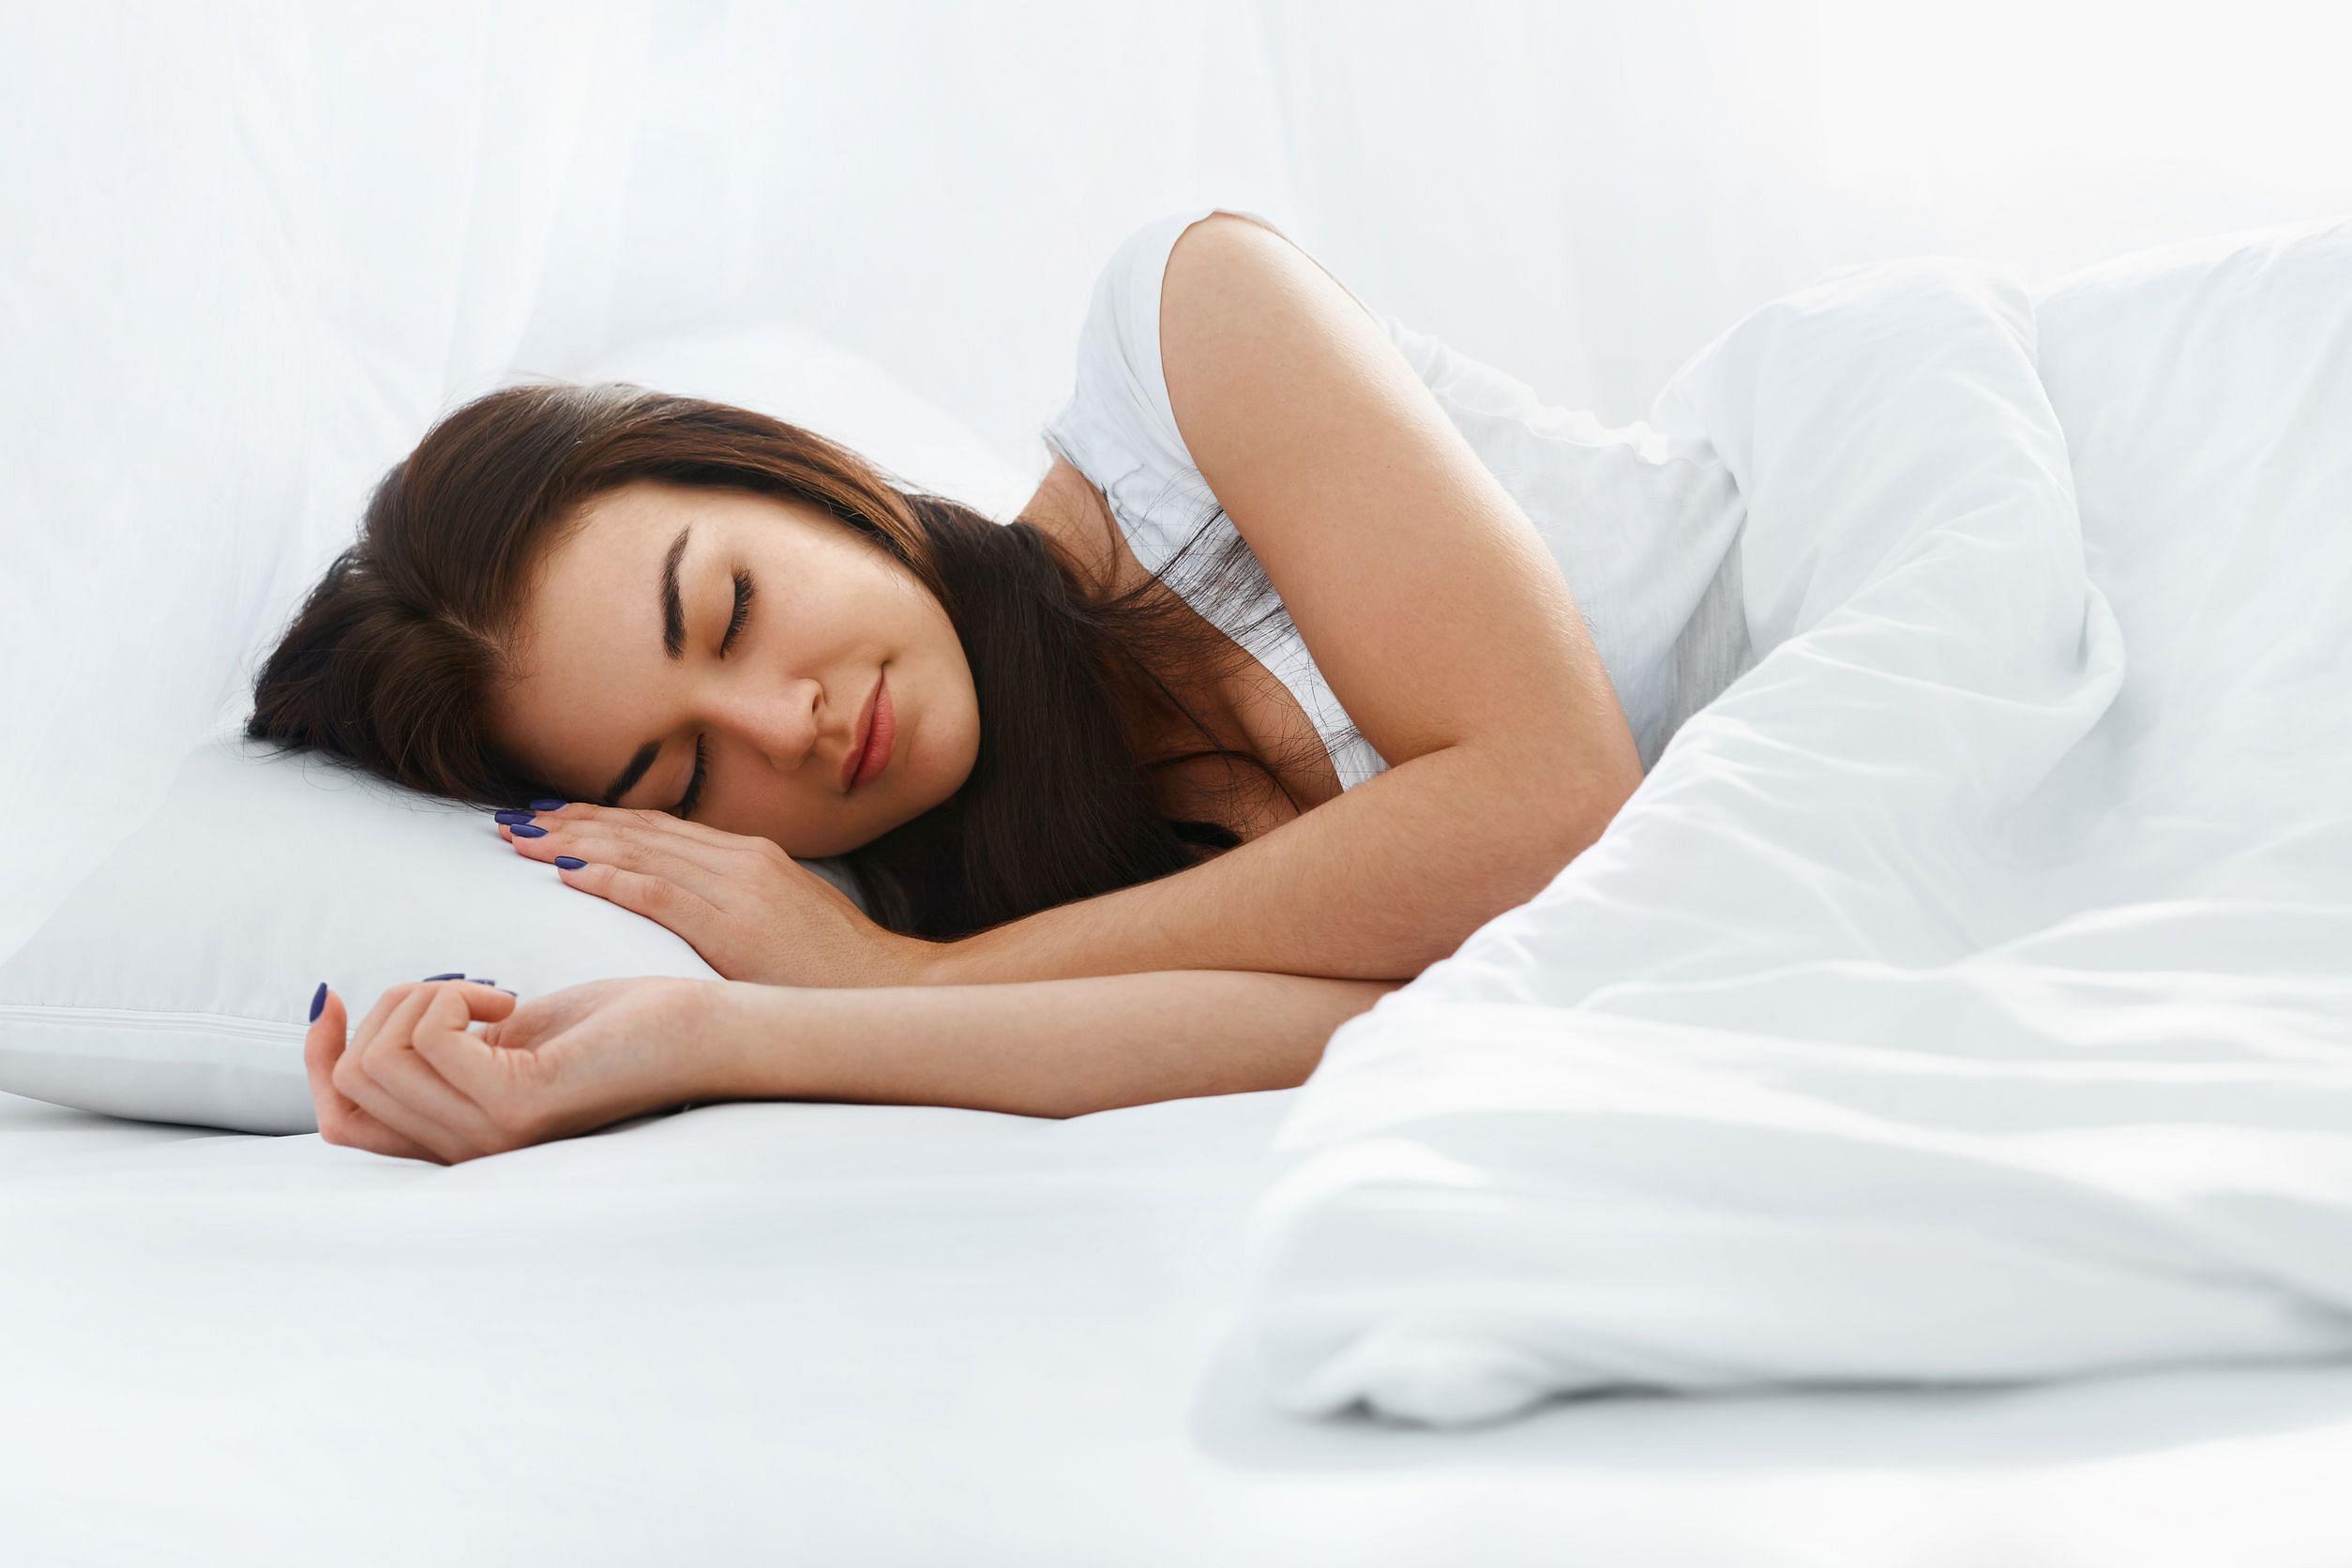 hacks-to-sleeping-well-on-warm-nights